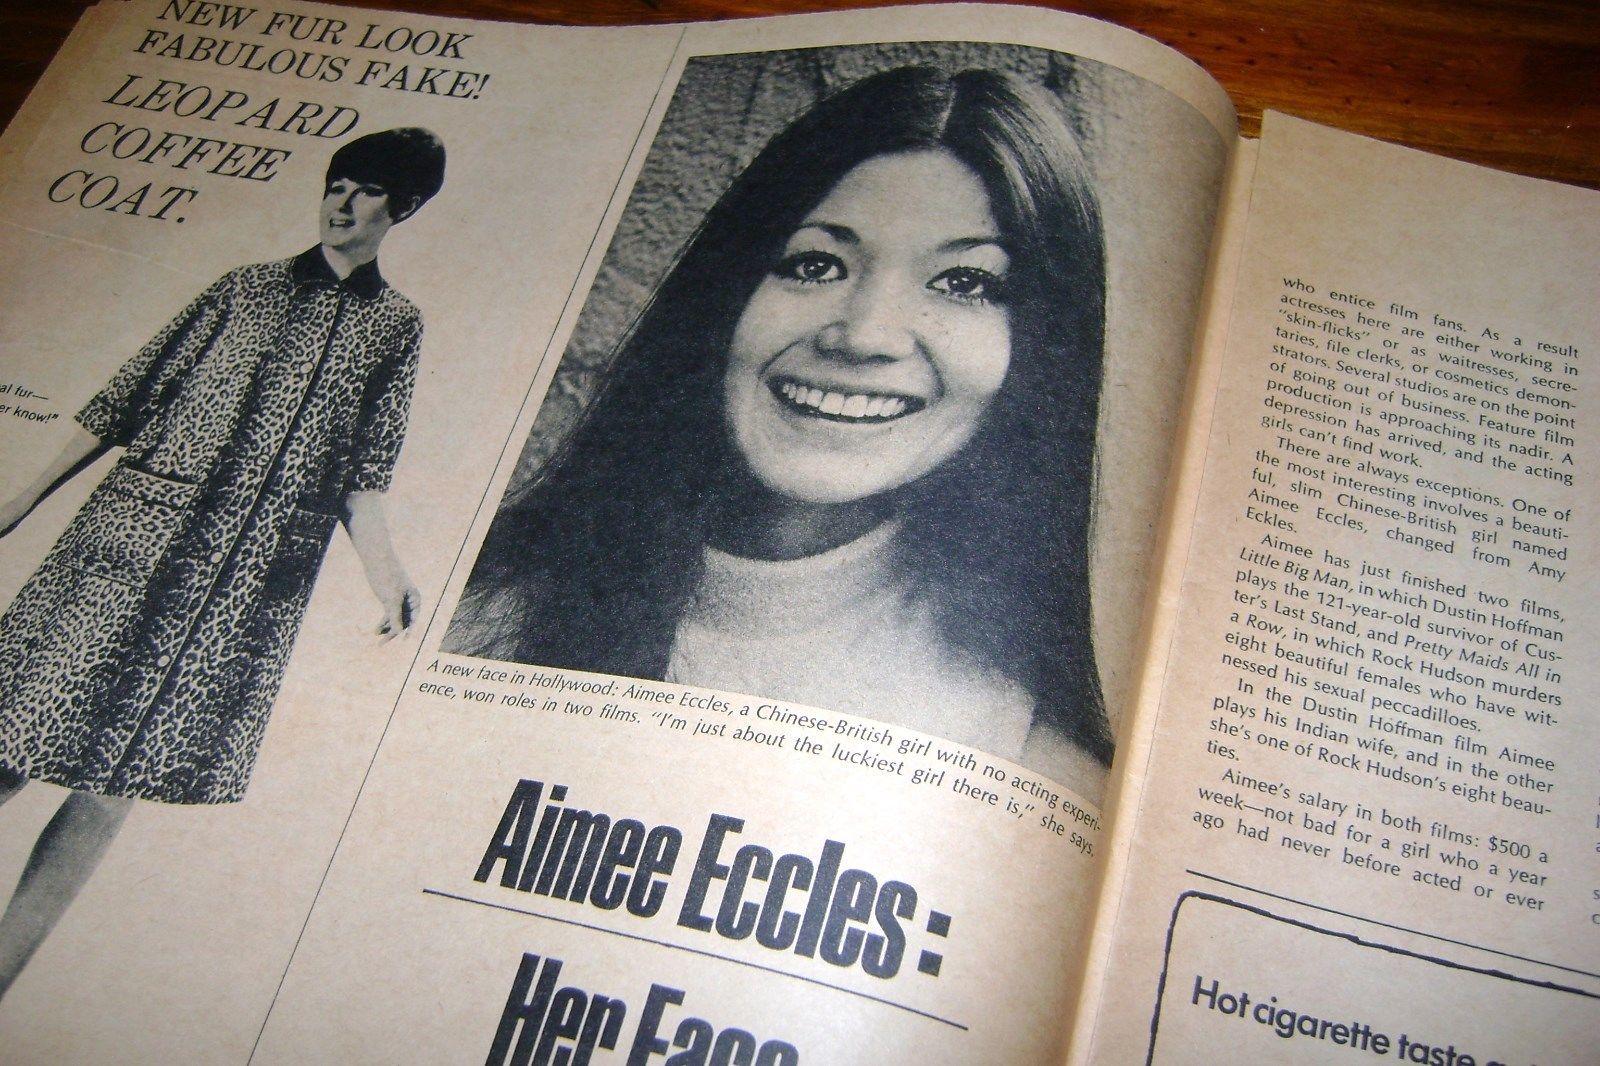 Aimee Eccles